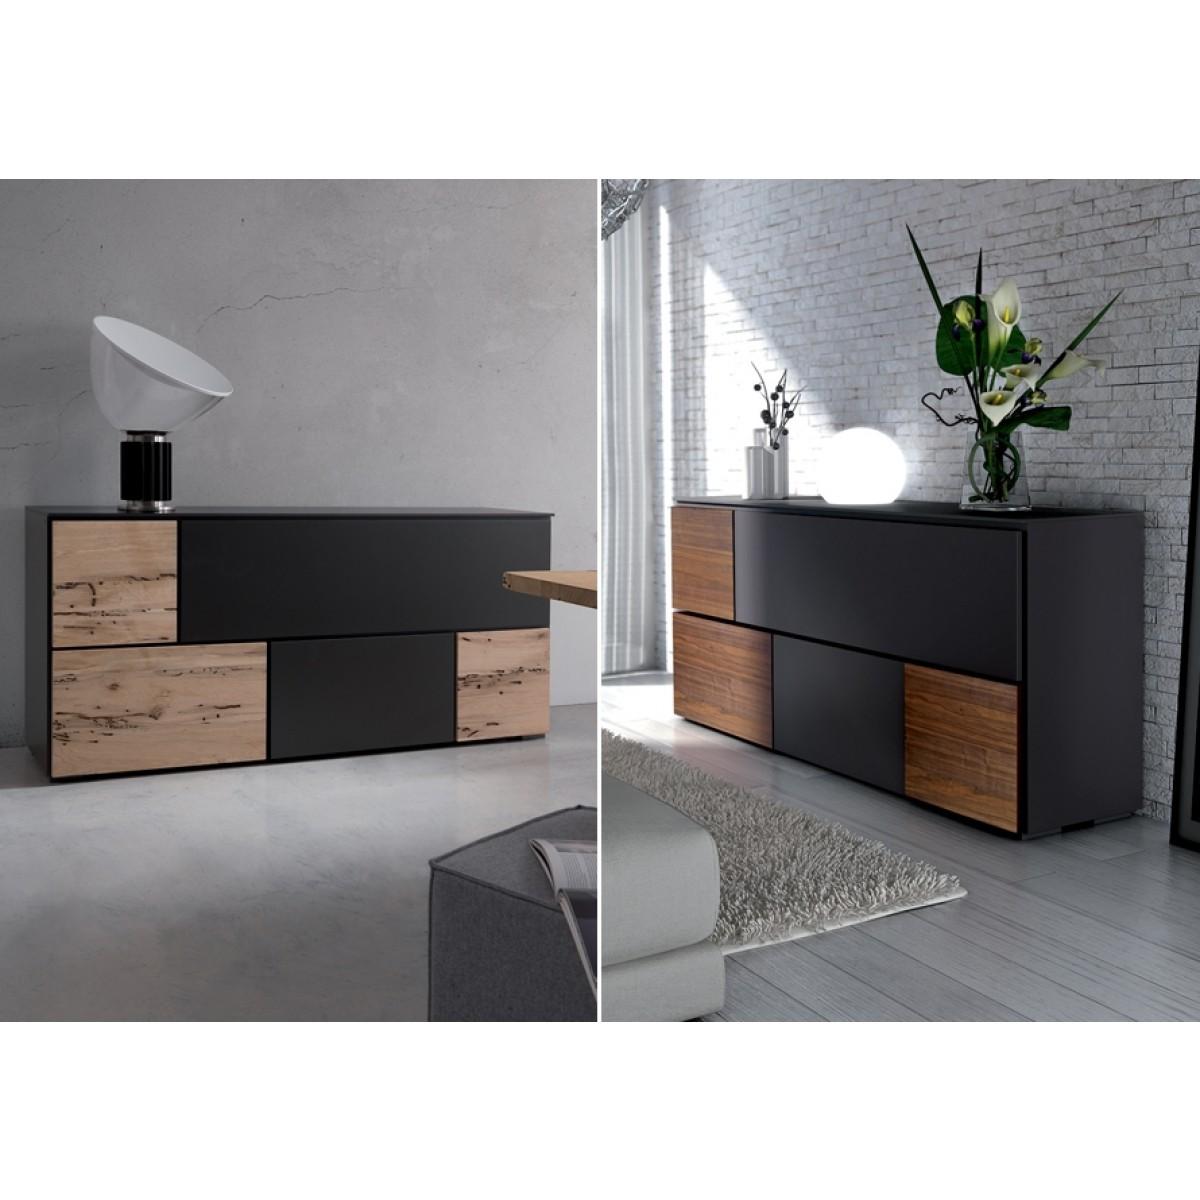 lowboard schwarz walnuss tv schrank mit vier t ren 180 cm tv schr nke lowboards m bel. Black Bedroom Furniture Sets. Home Design Ideas